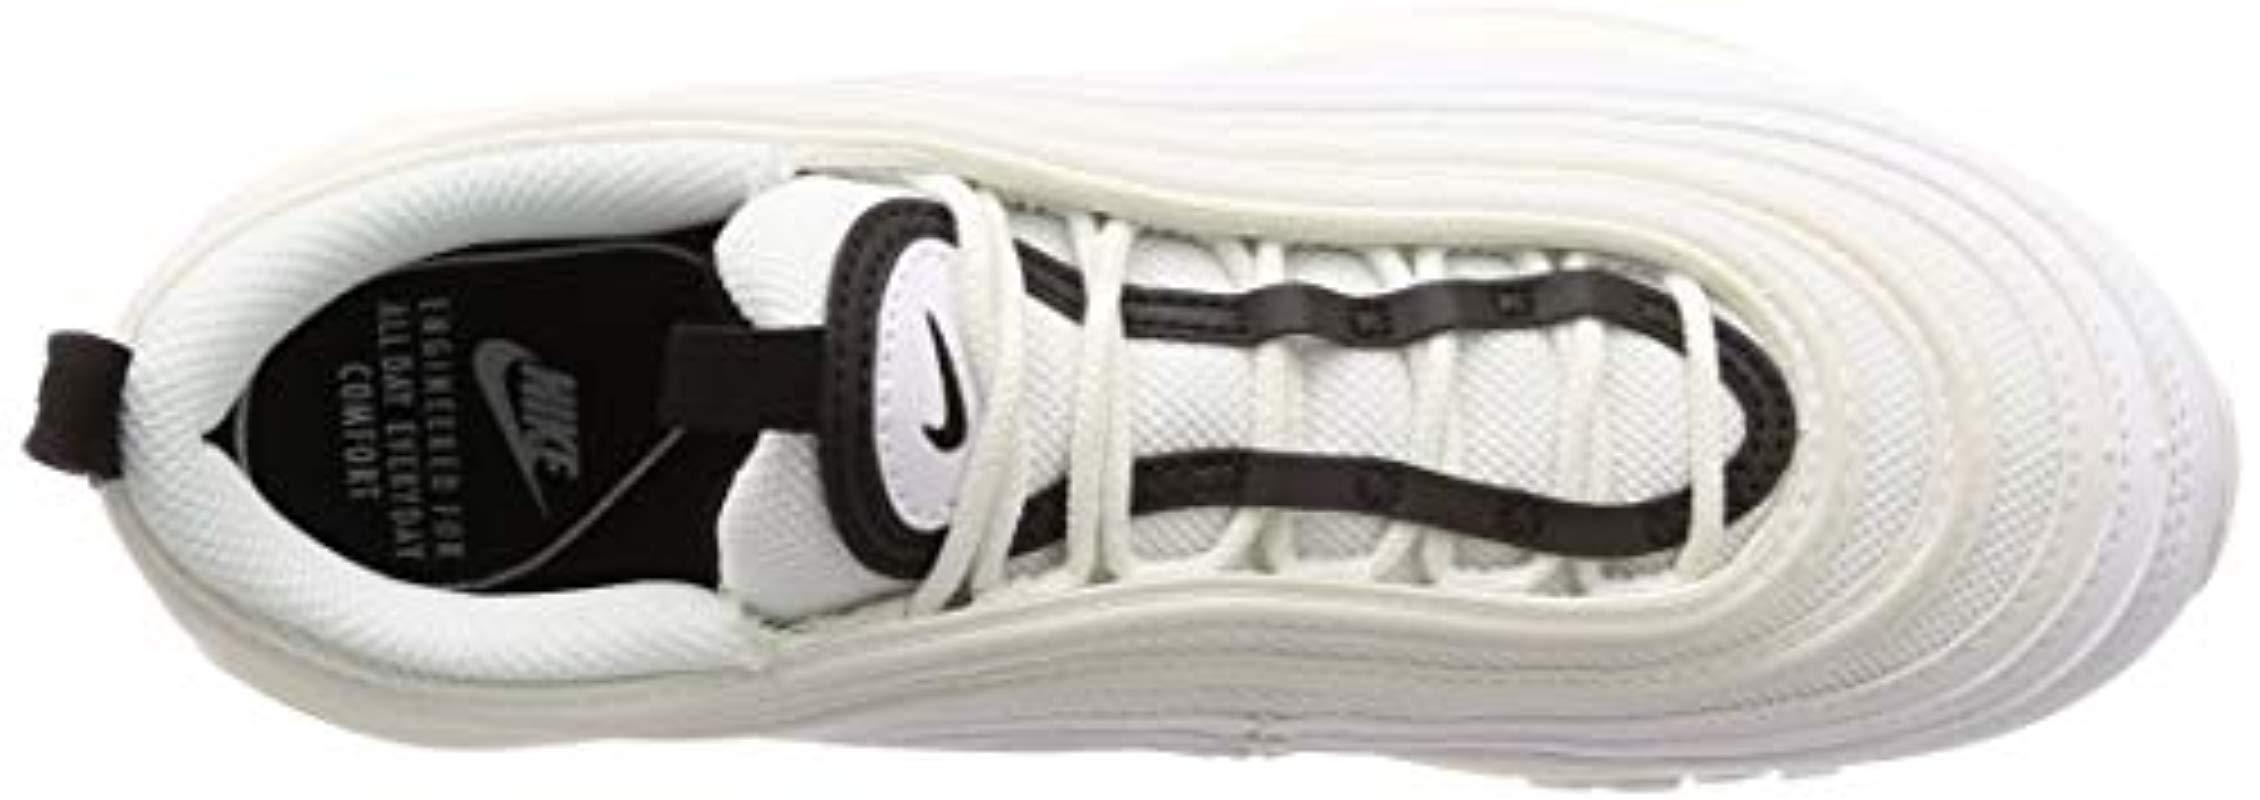 W Air MAX 97, Zapatillas de Atletismo para Mujer Nike de color Blanco